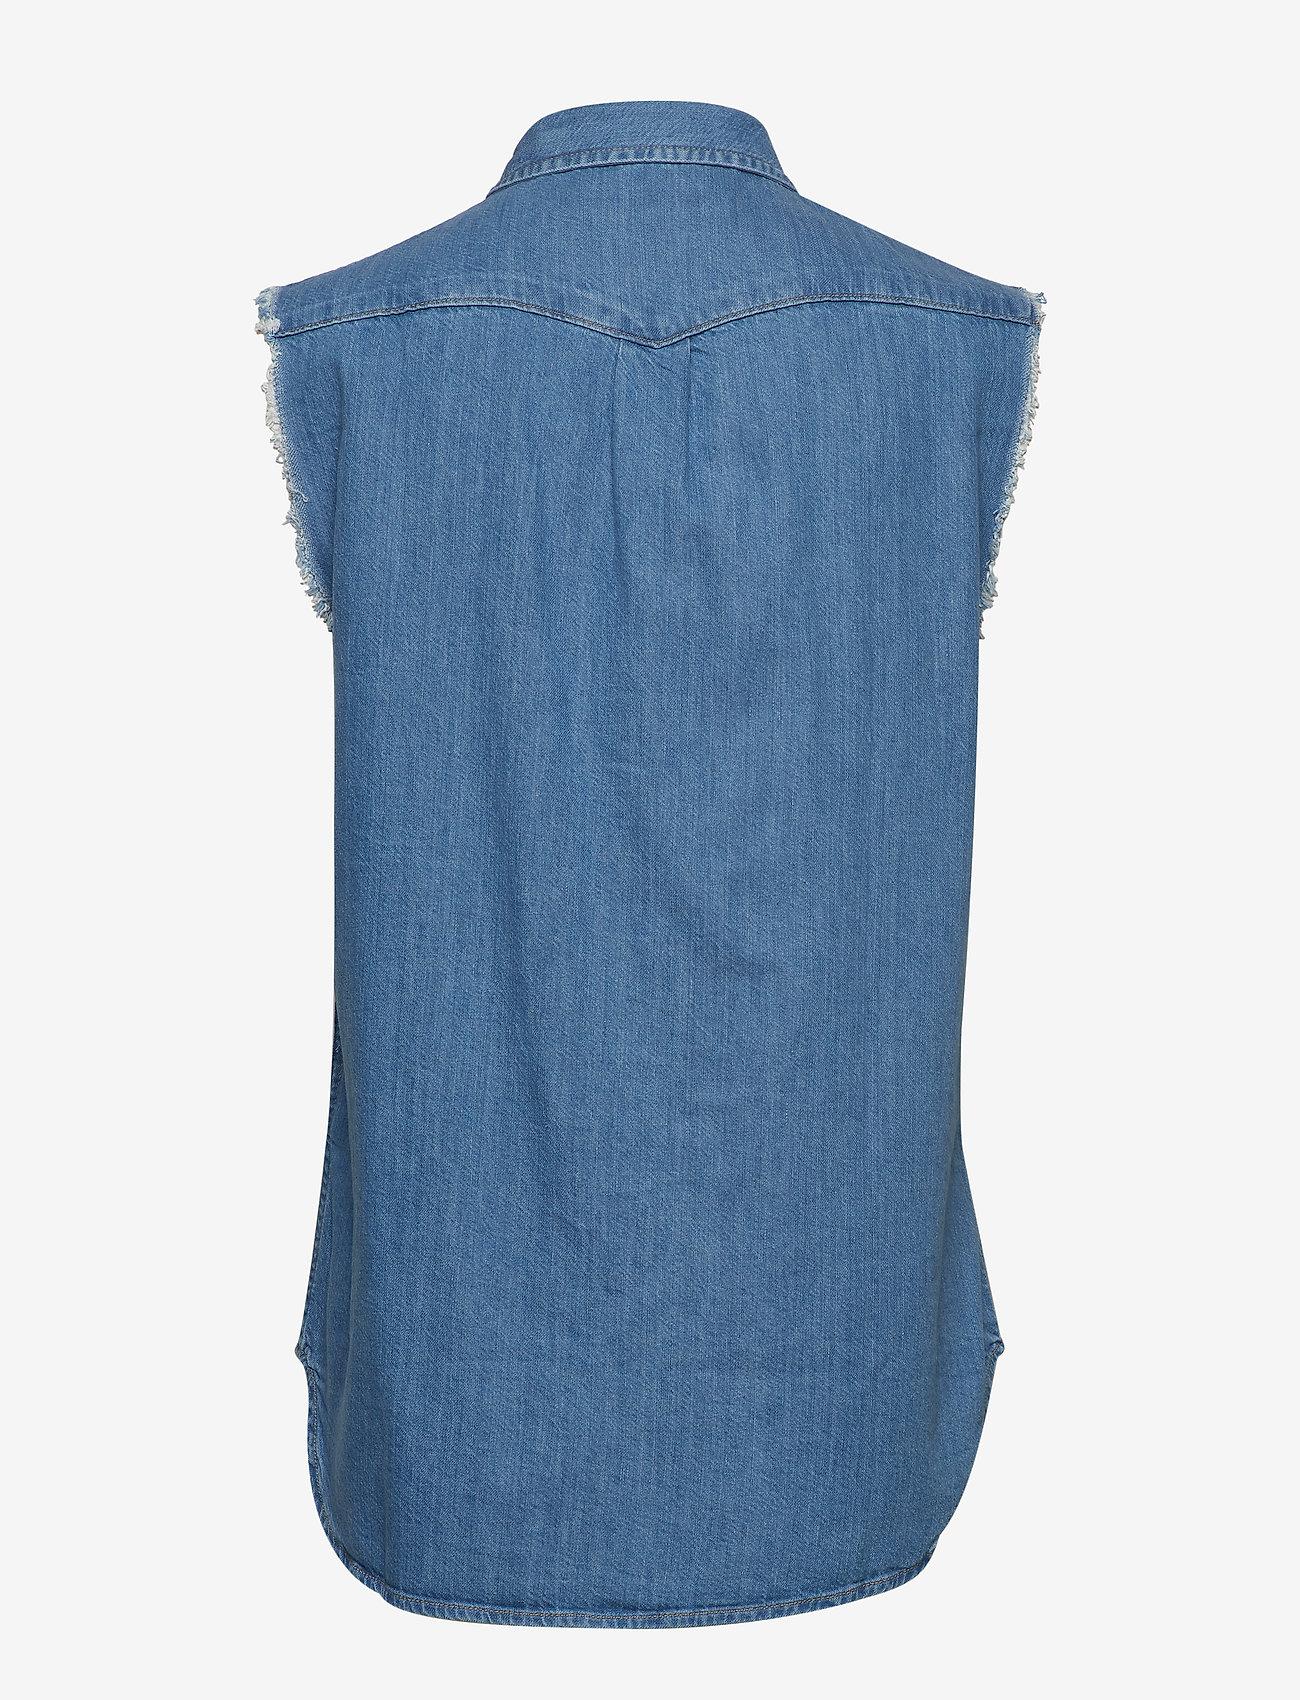 Cut Off Western Shir (Light Summer) - Lee Jeans YUdMtj